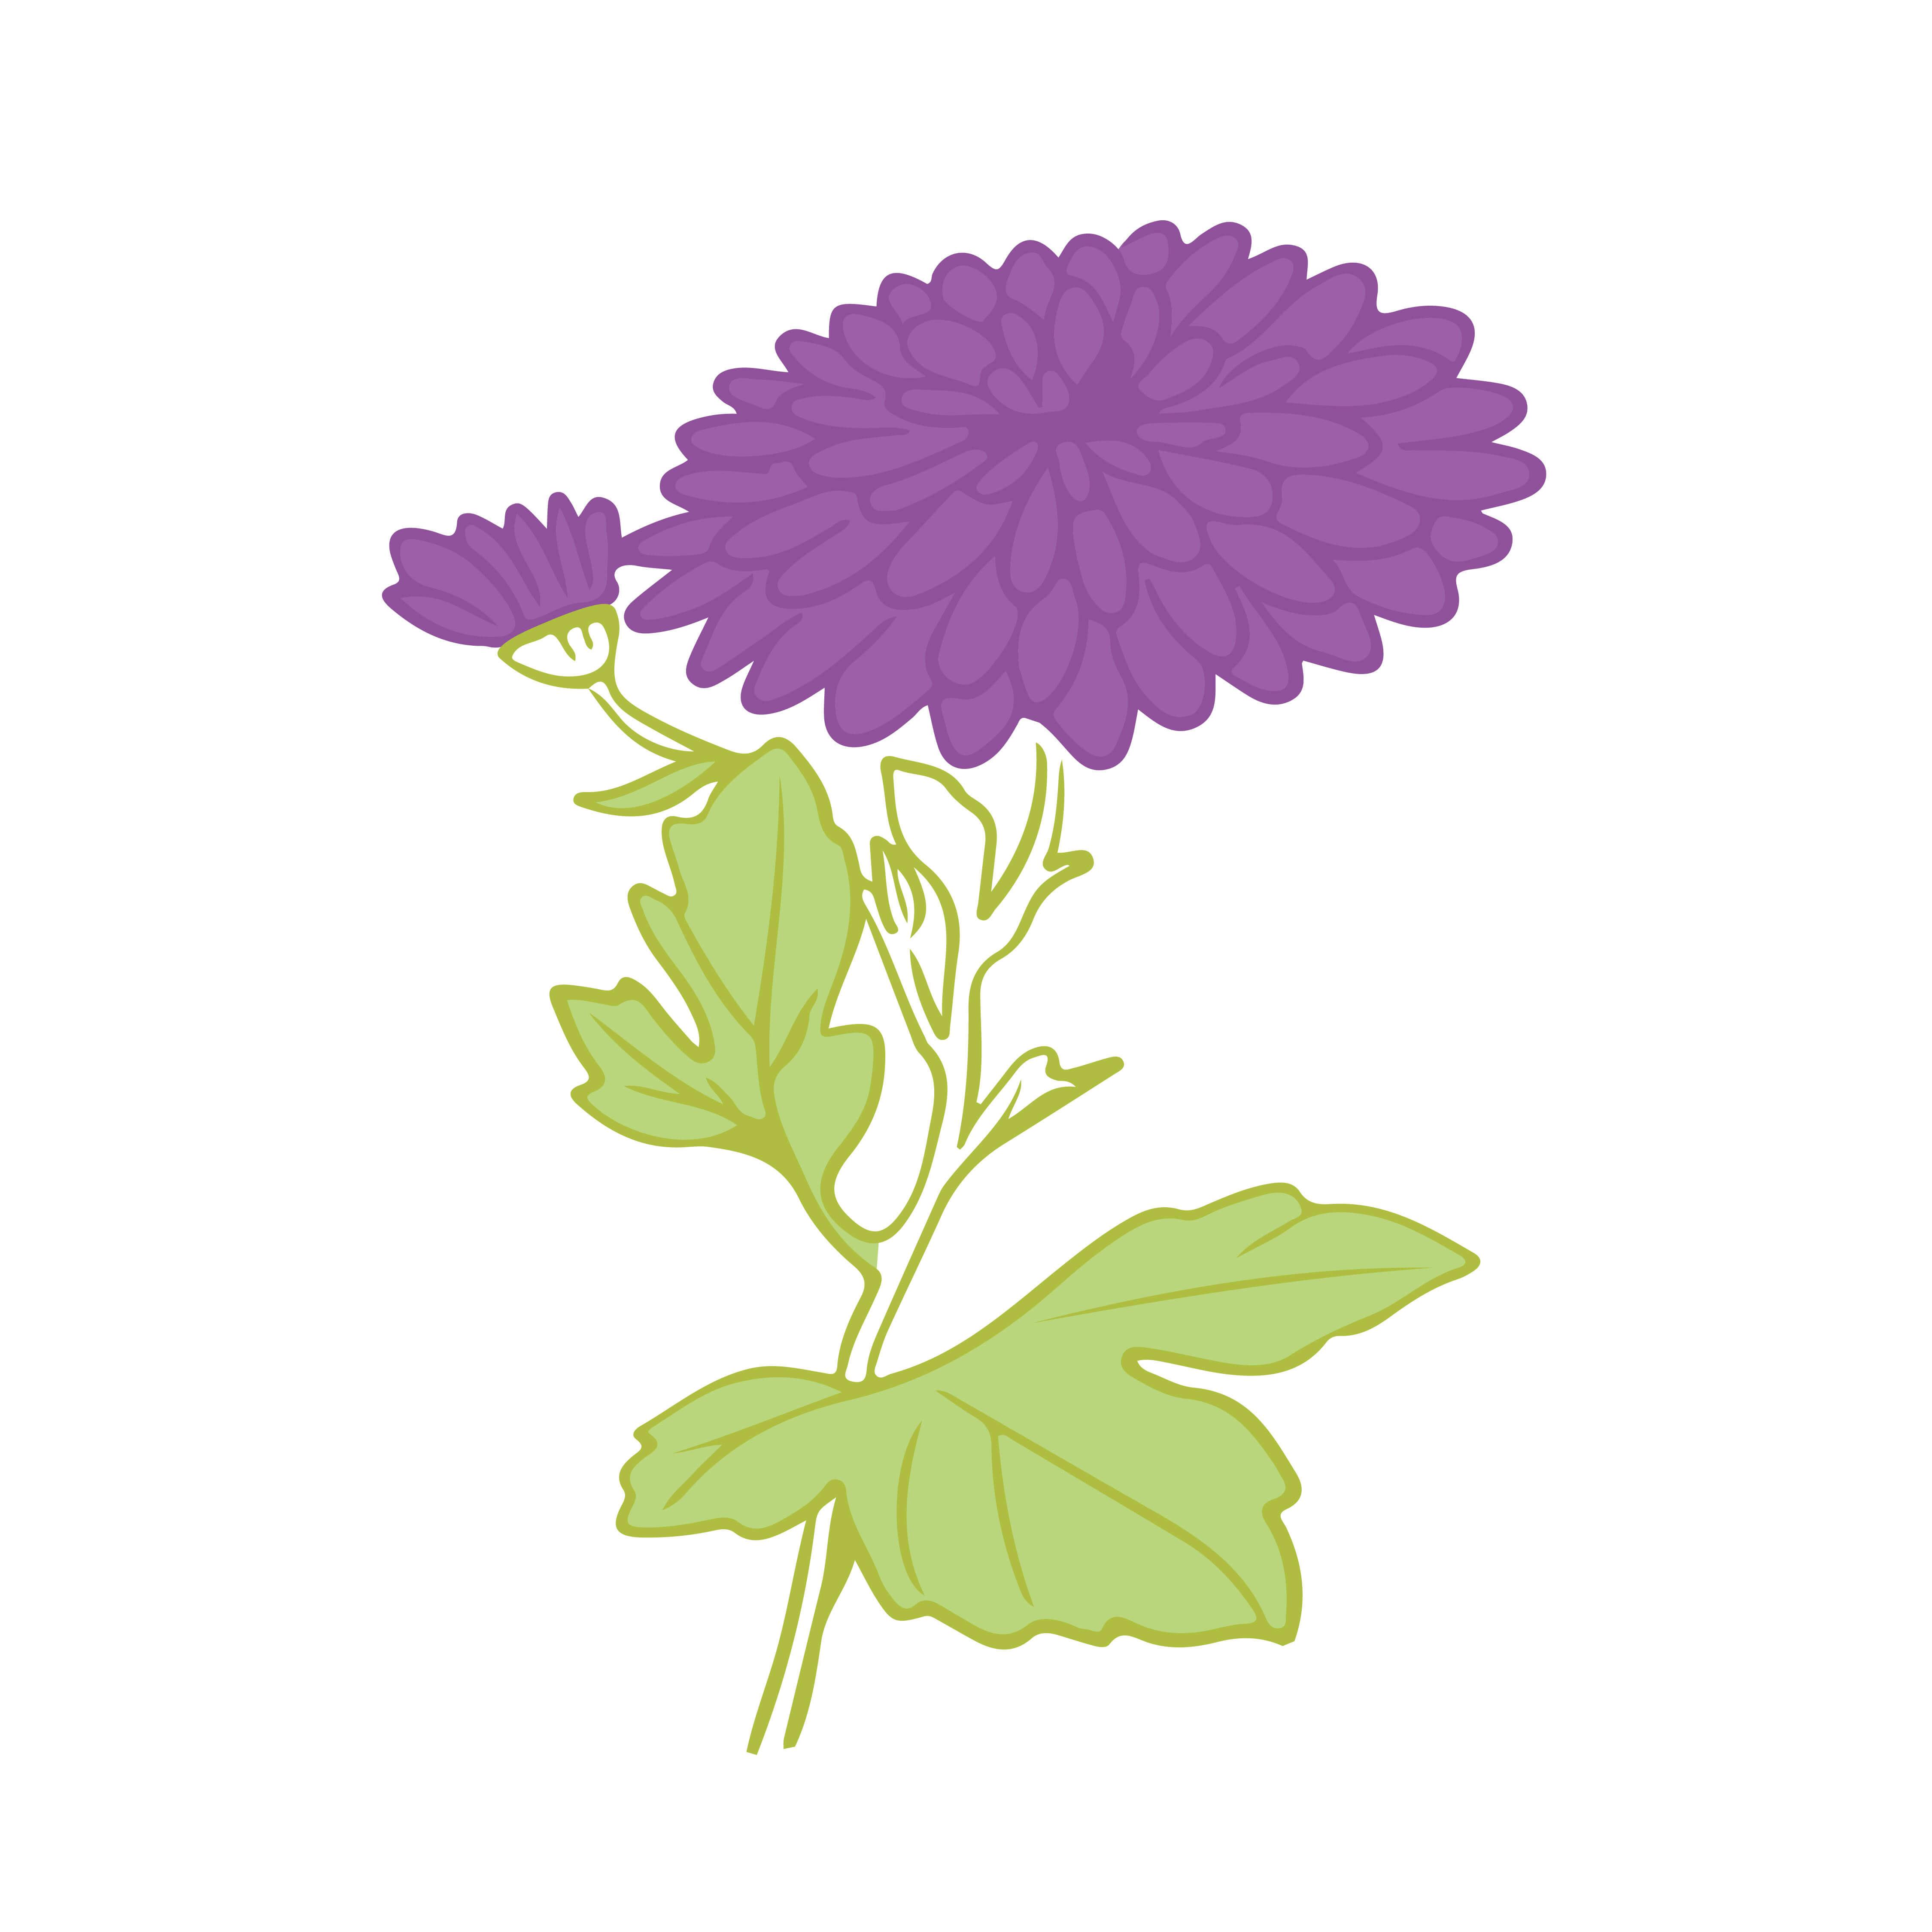 San Vicente, la flor de 2021